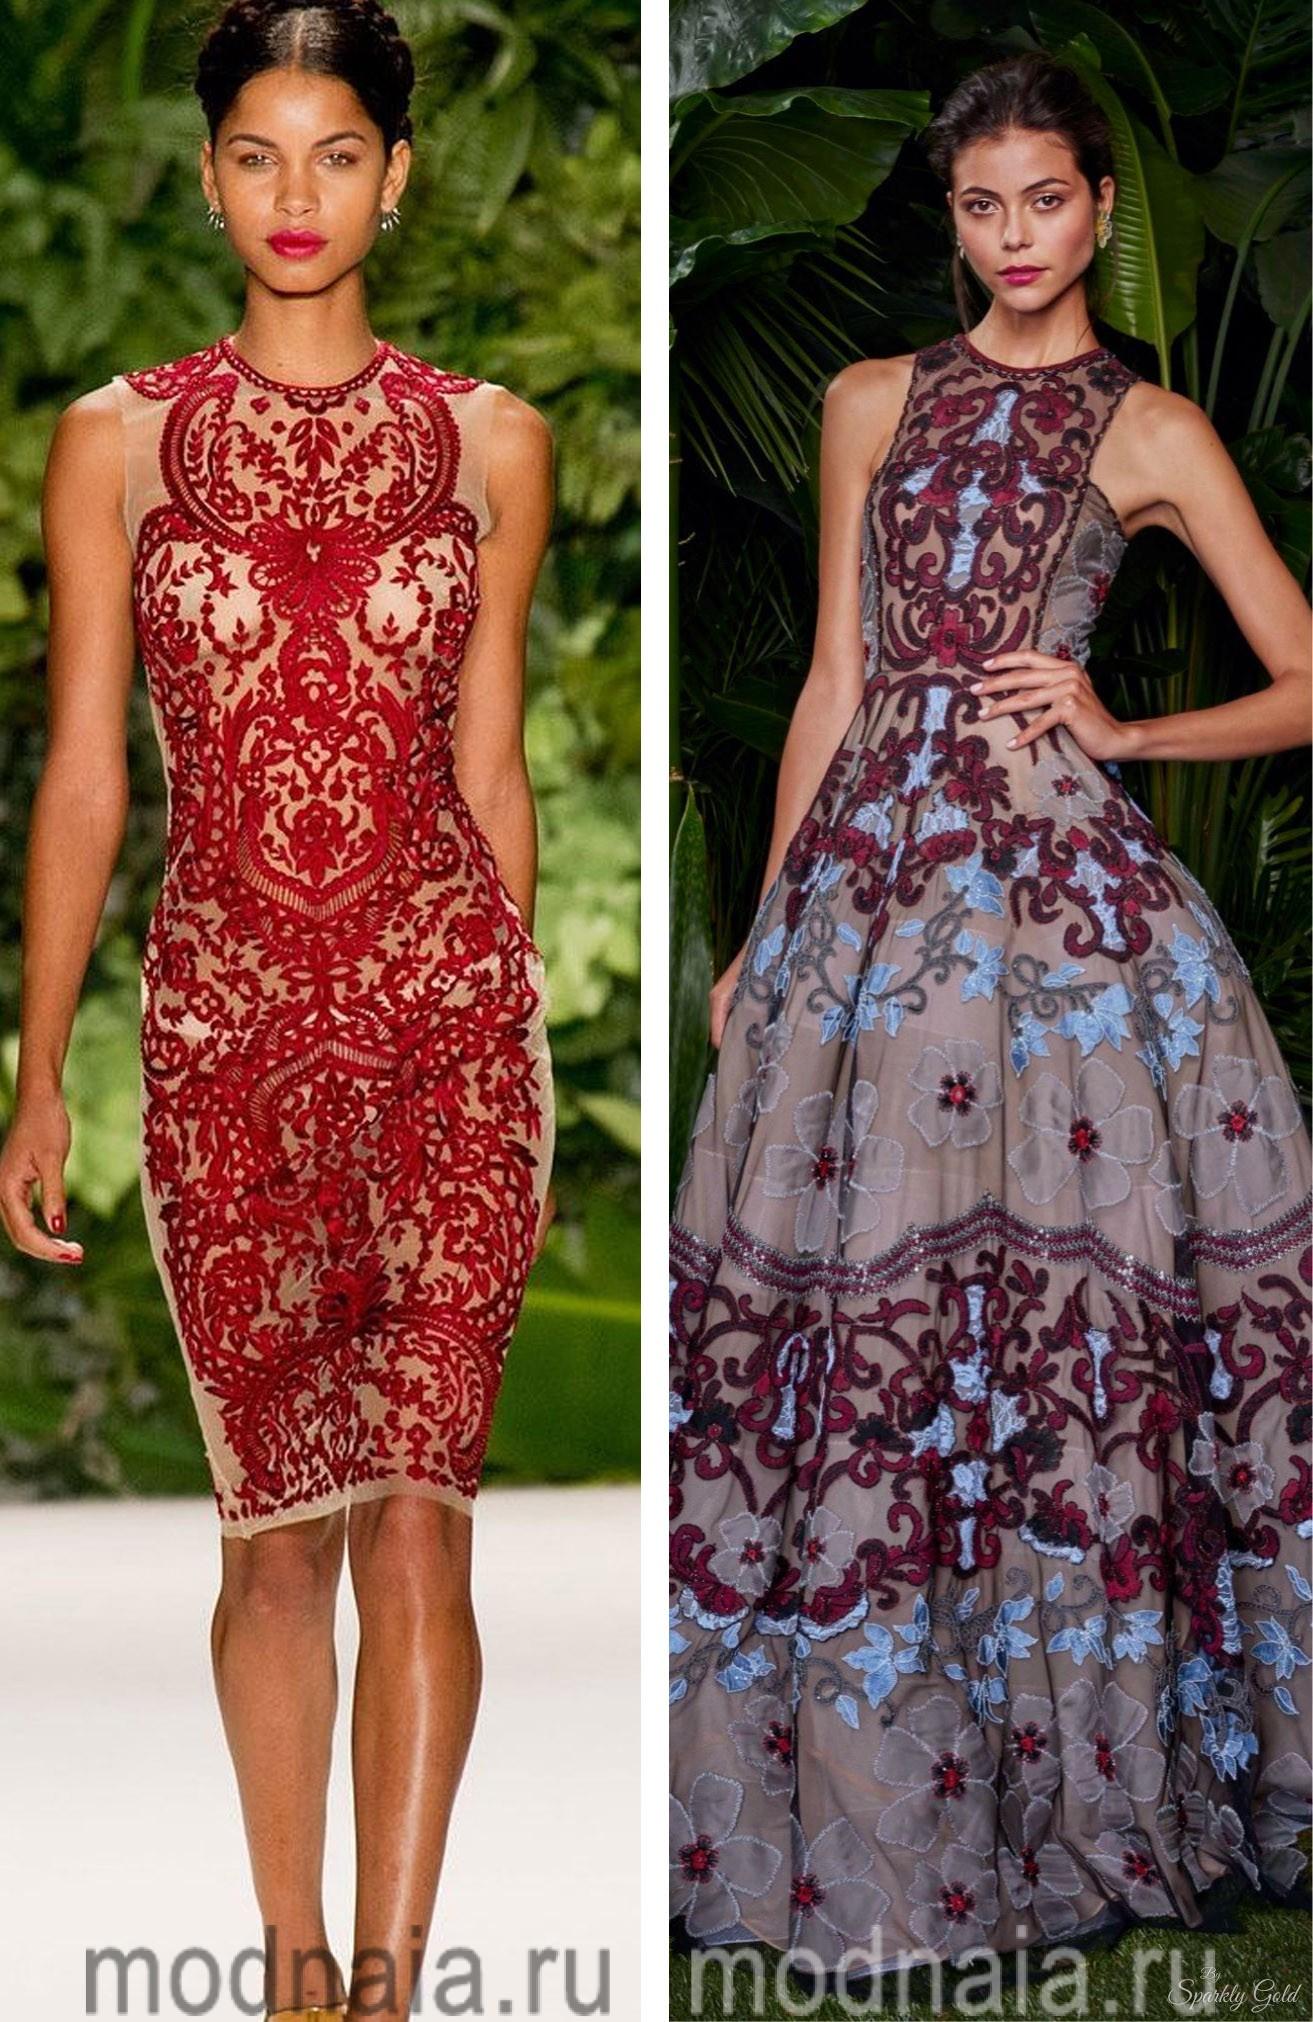 Вечерние платья на Новый год глазами ведущих модельеров мира